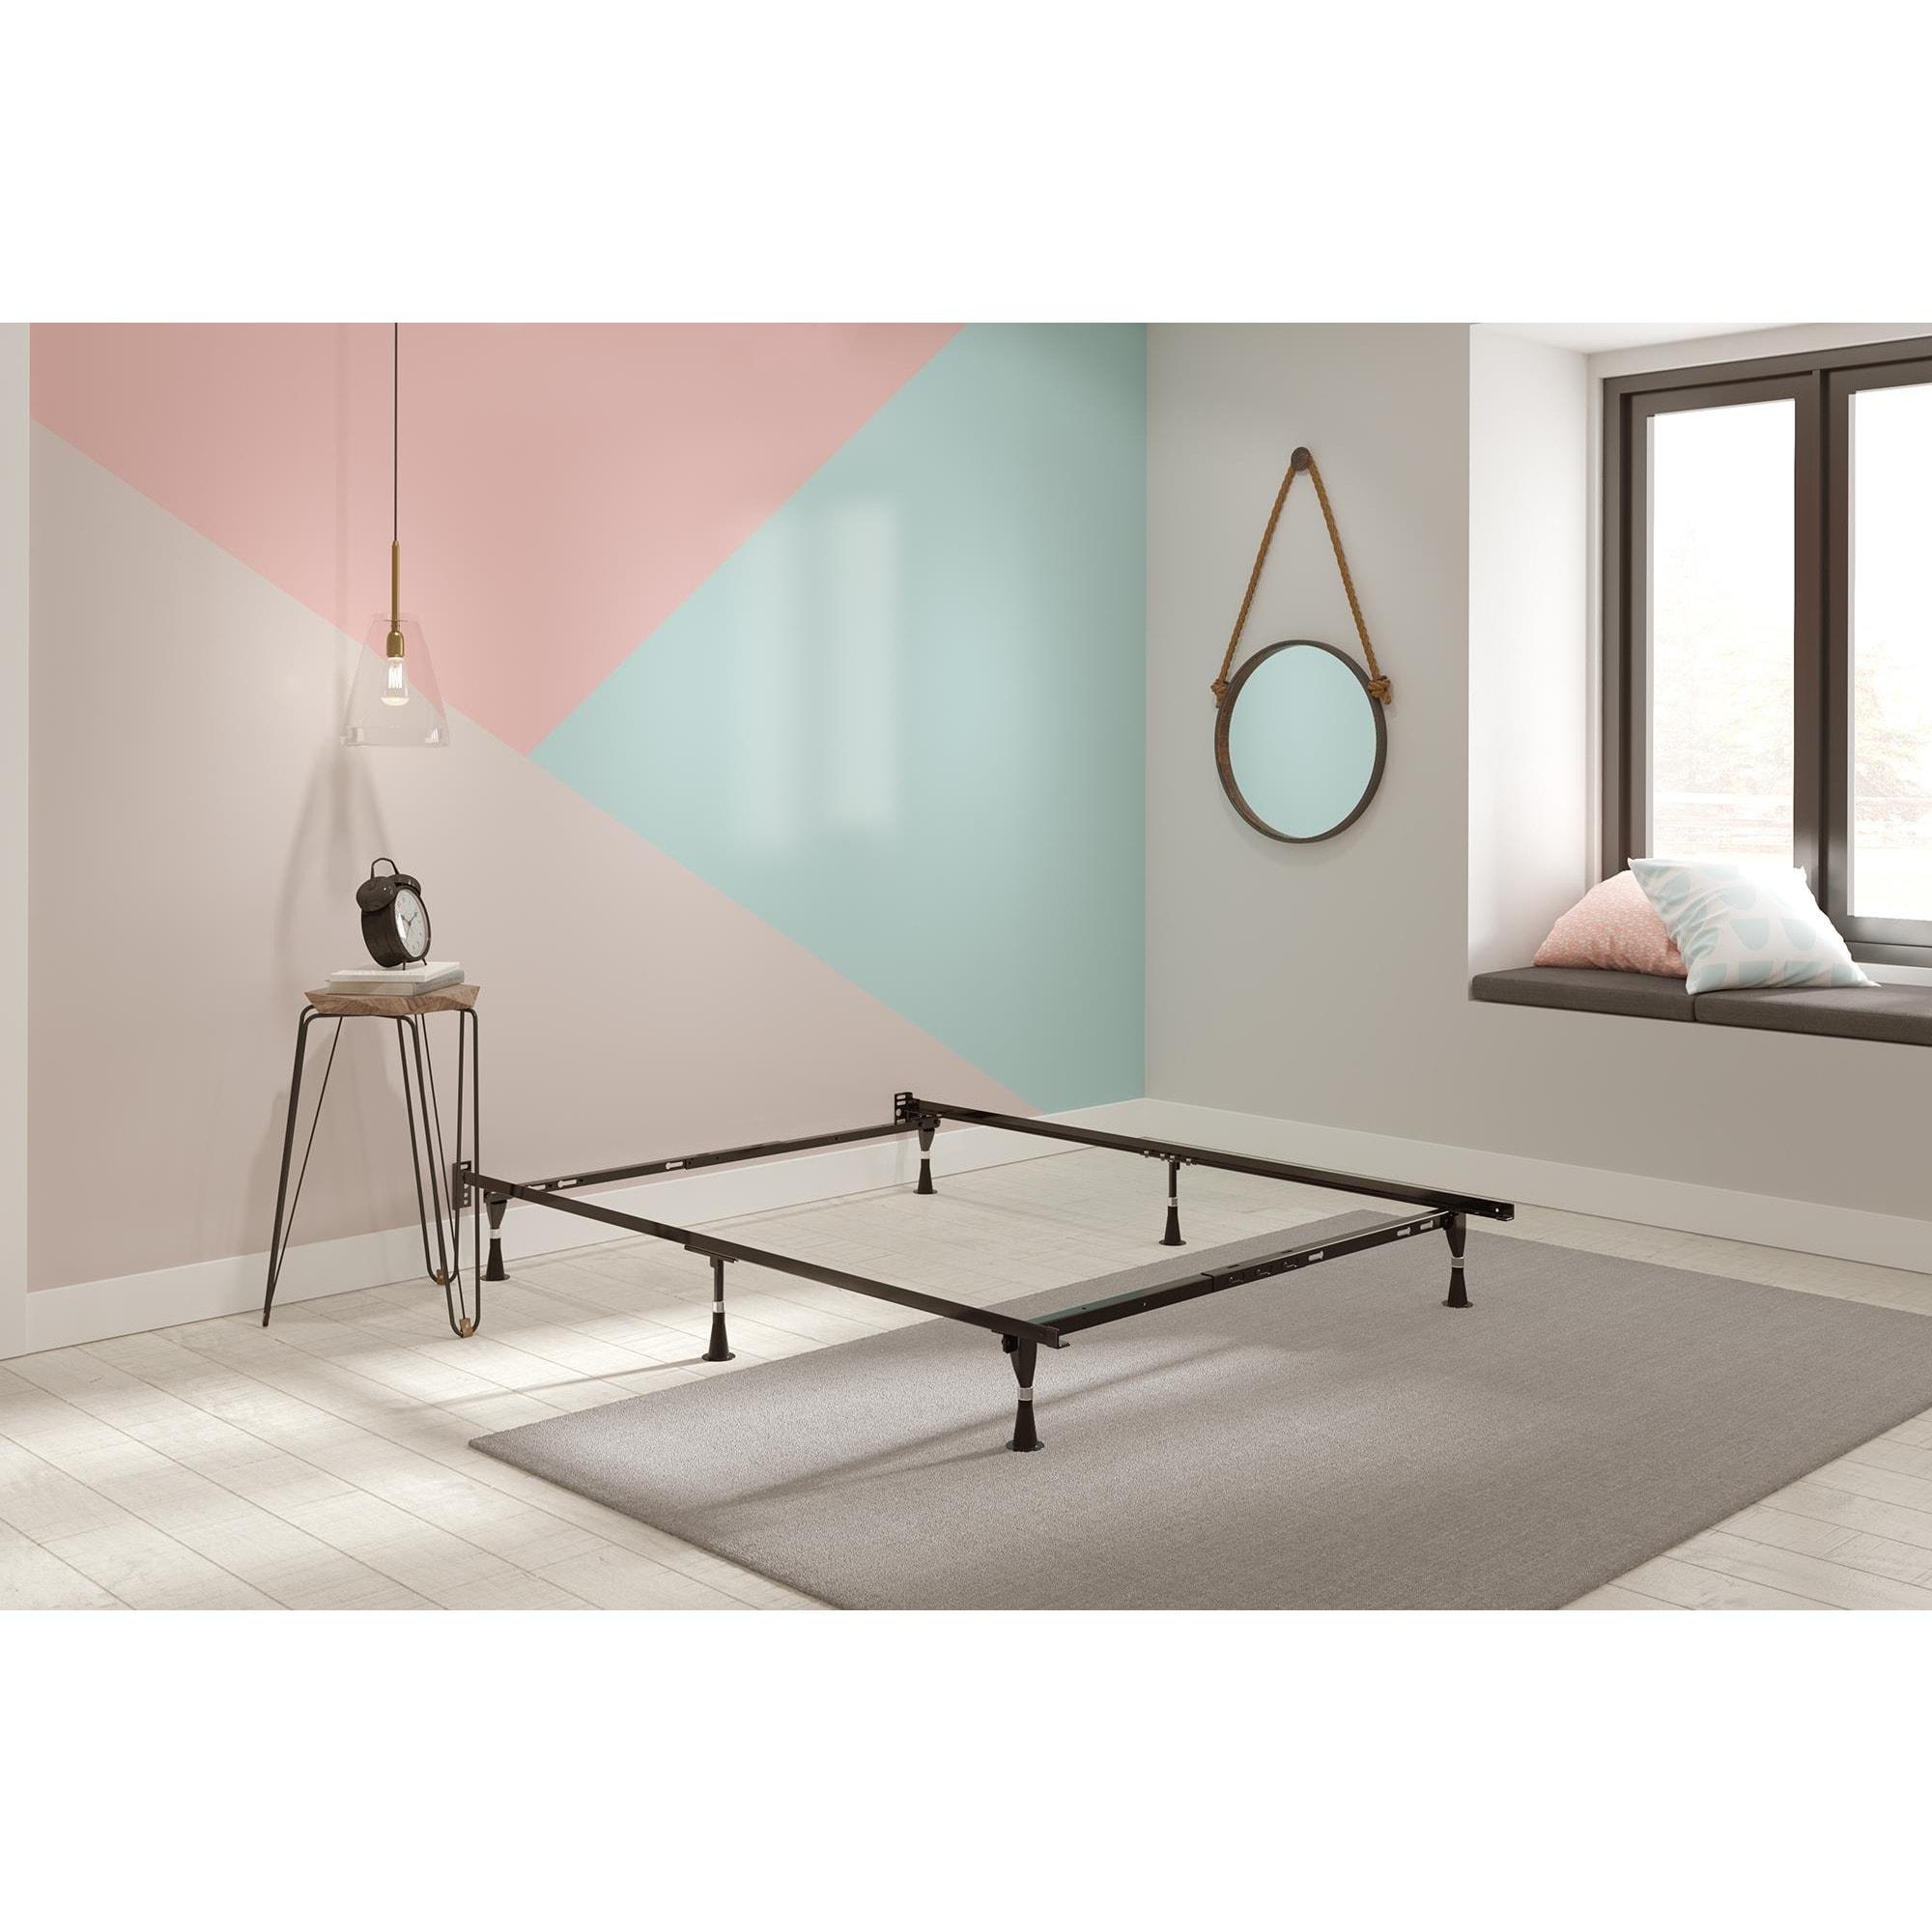 DHP Signatutre Sleep Queen/ King Metal Adjustable Bed Fra...